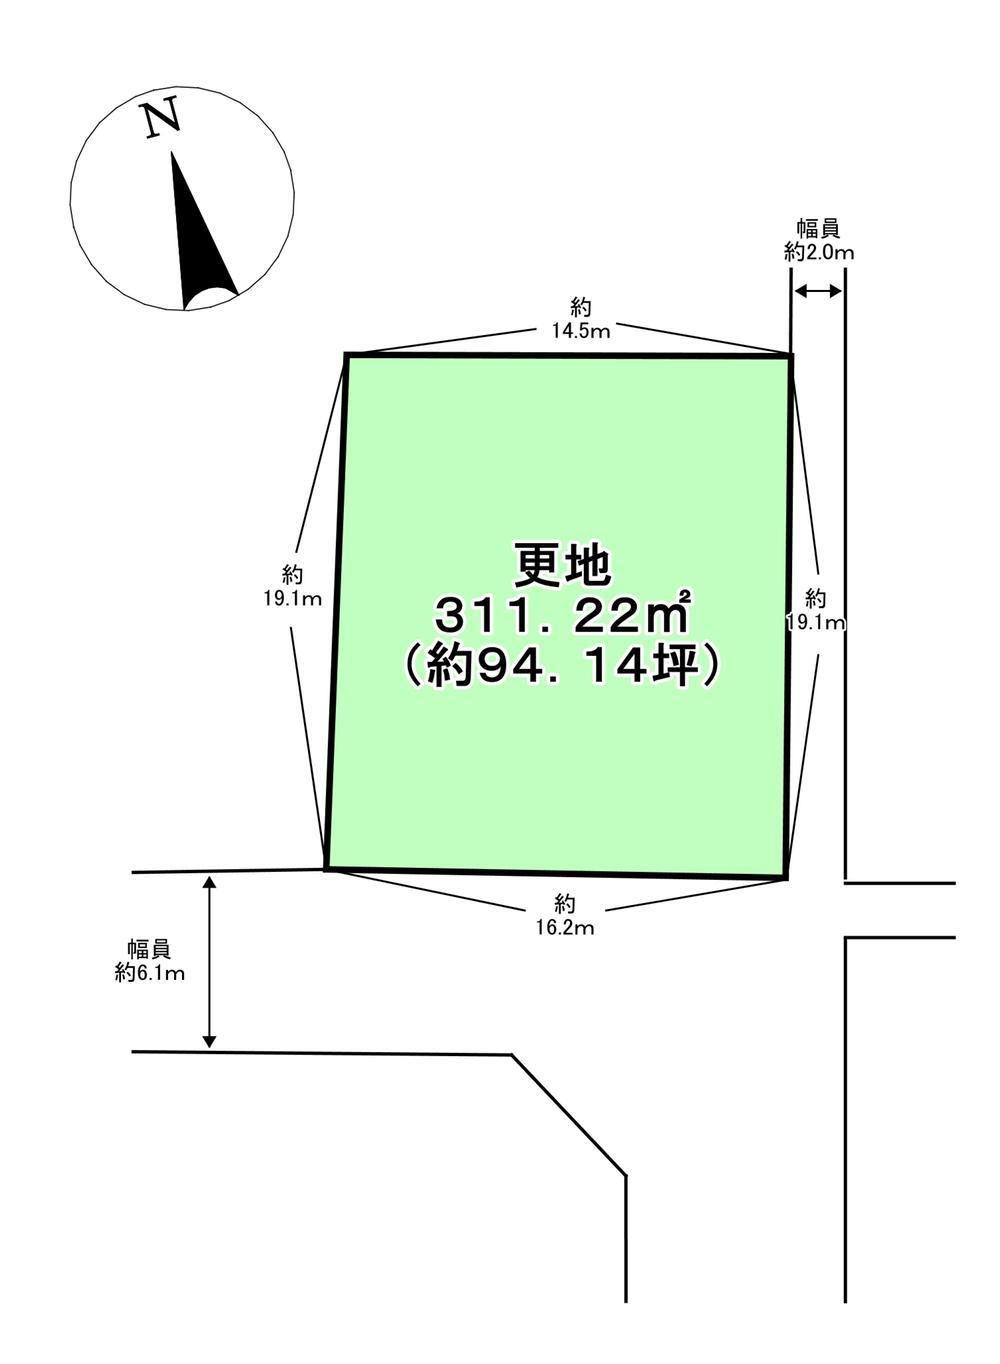 土地価格150万円、土地面積311.22m<sup>2</sup> (約94.14坪)。南側幅員約6.1m、間口約16.2m、東側幅員約2.0m、間口約19.1m(建築基準法上の道路には該当しません。)の整形地です。建築可能な建物プランなど、詳しくはお気軽にお問い合わせください。